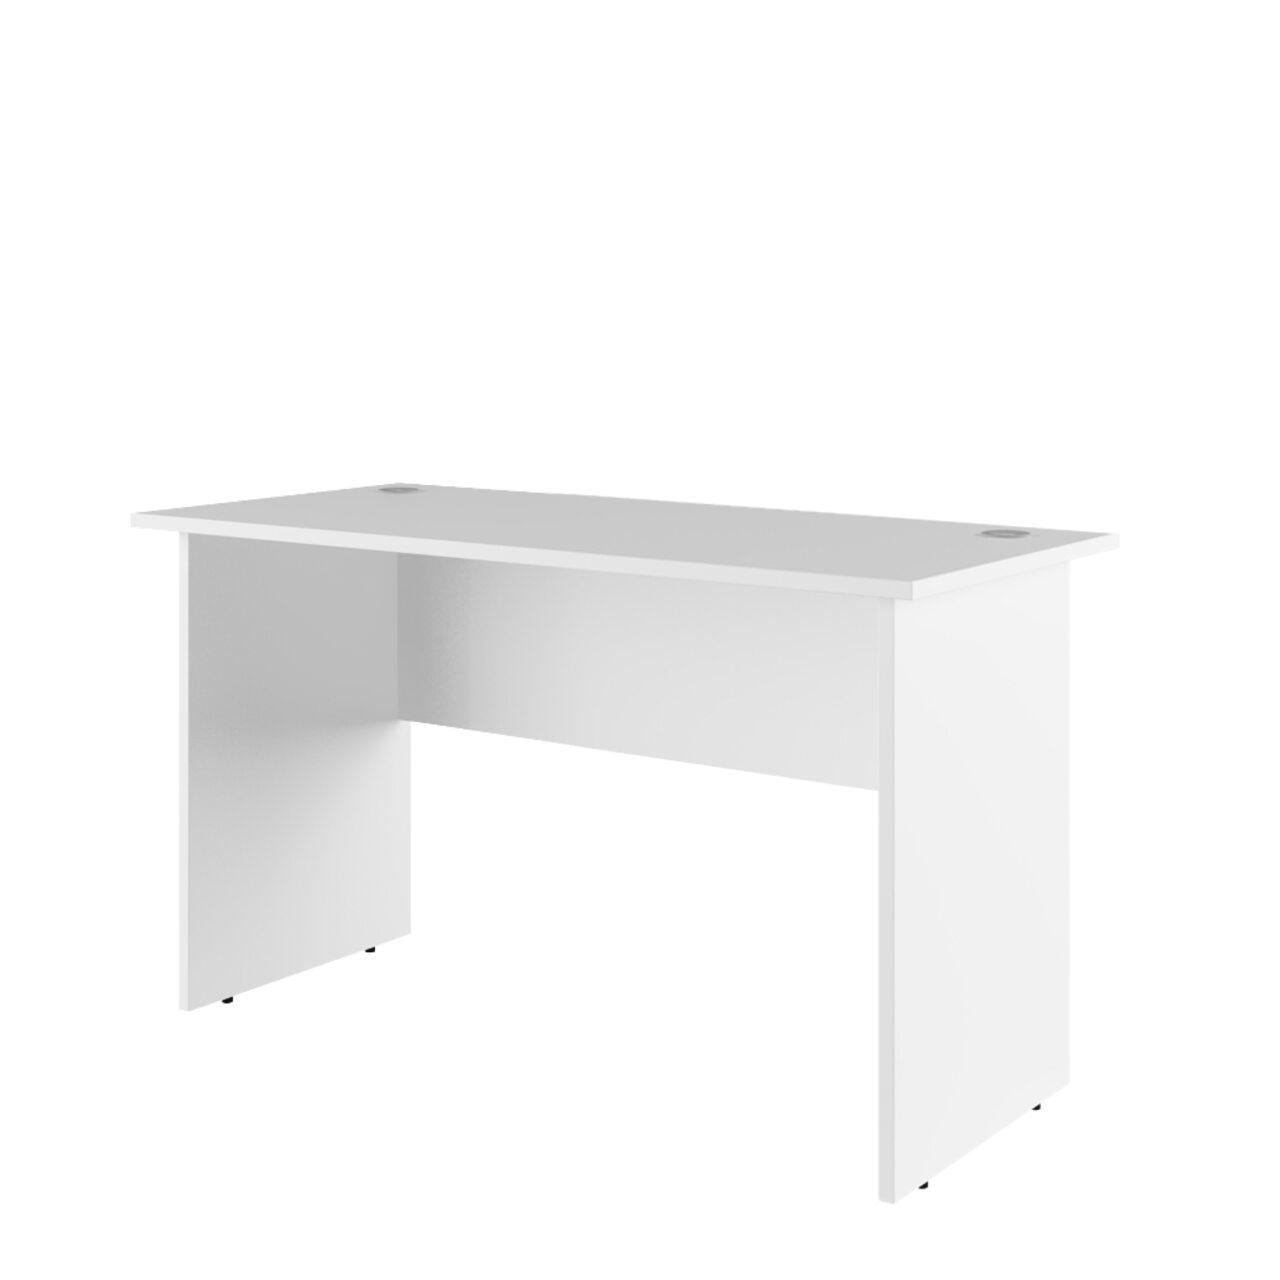 Стол письменный TREND 120x60x75 - фото 1